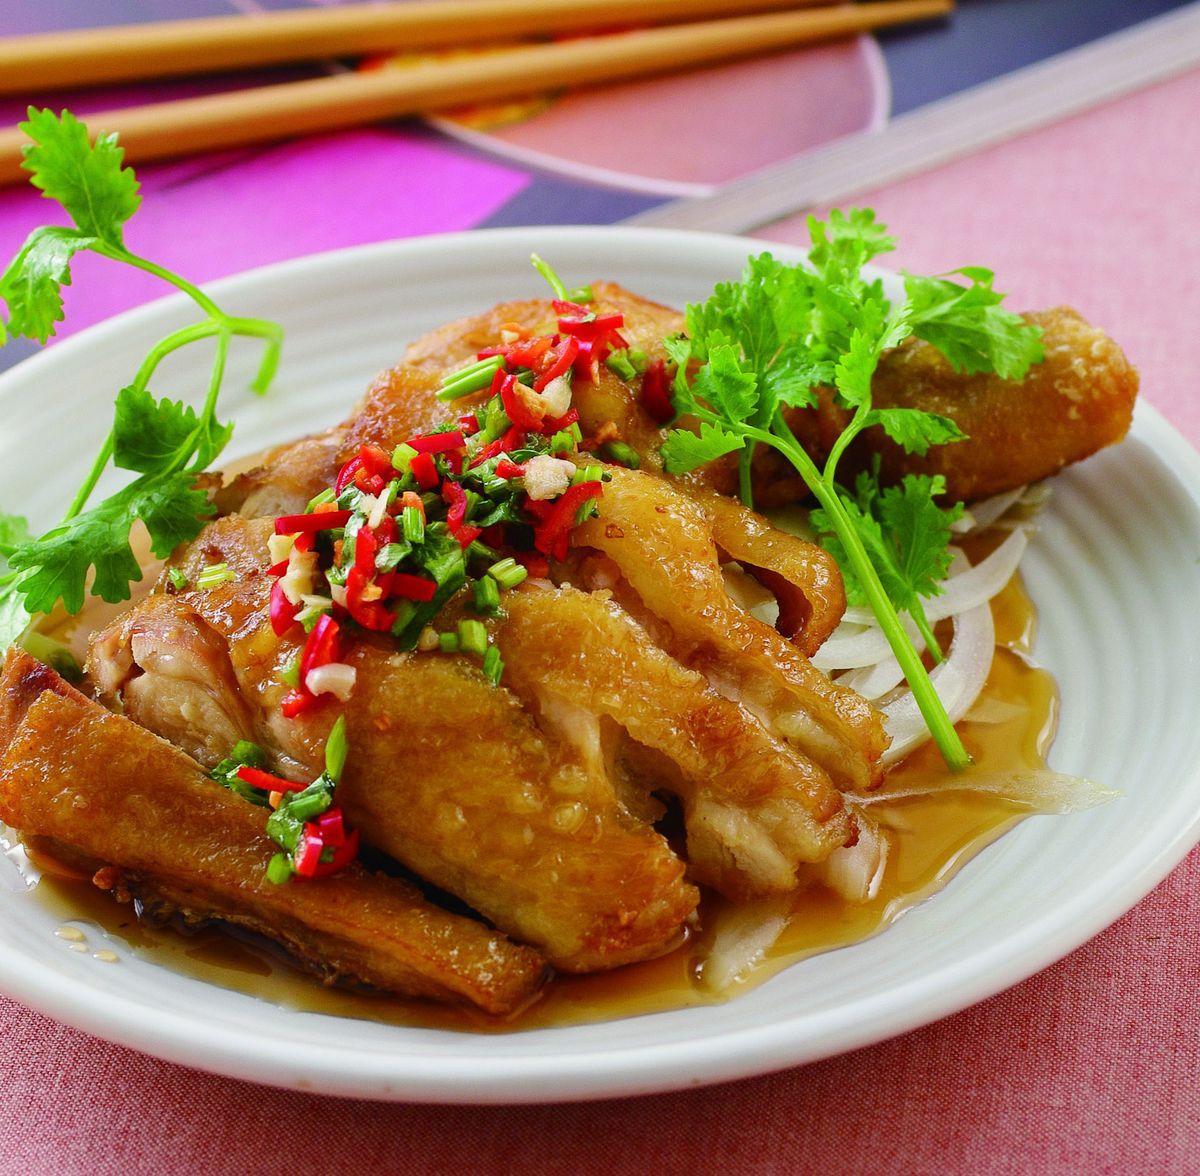 食譜:椒麻雞腿排